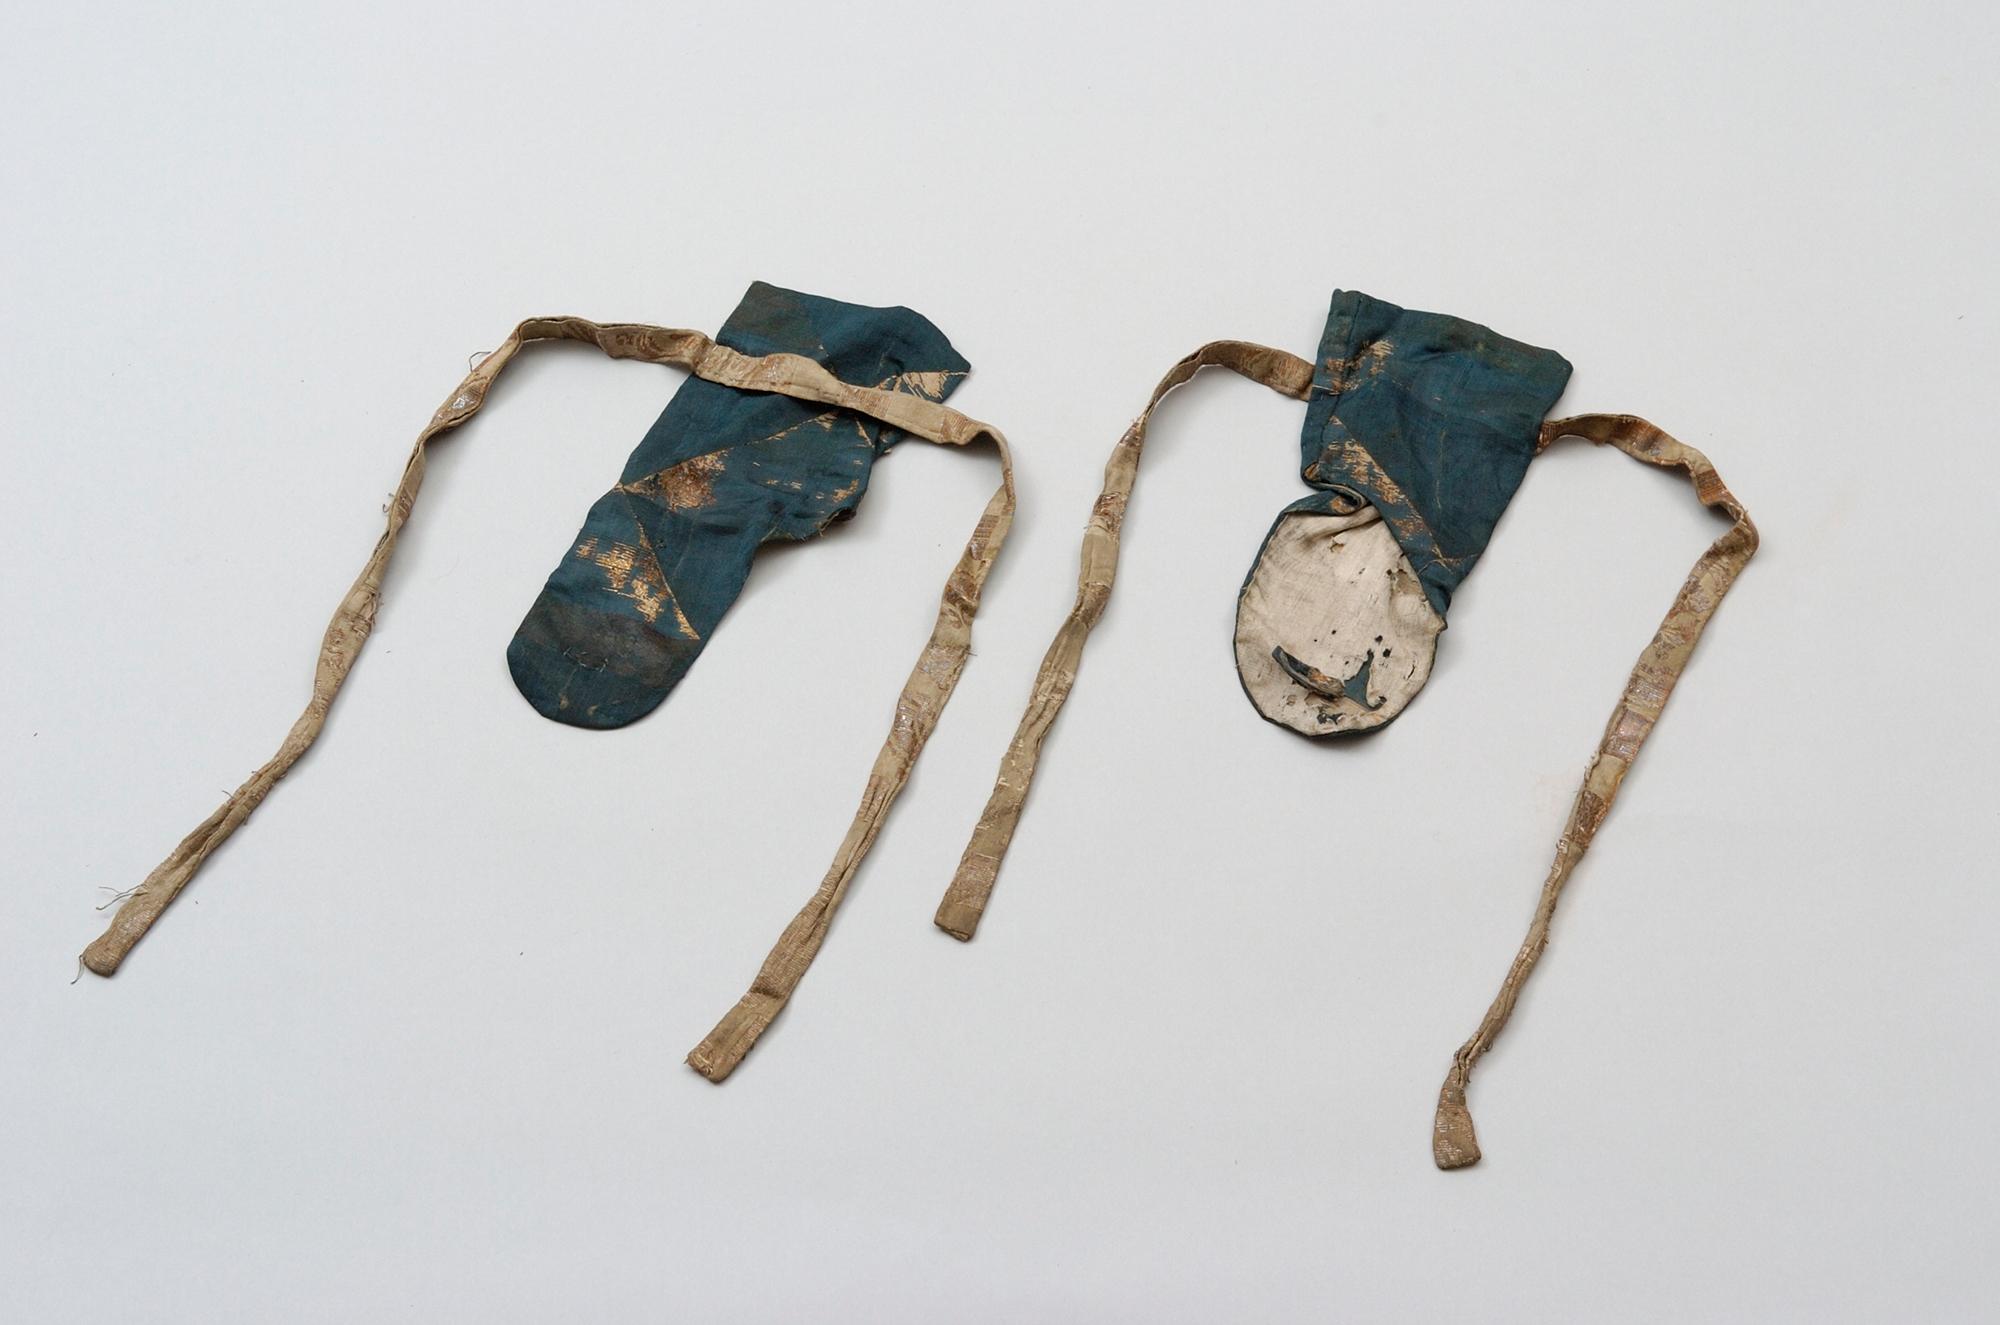 納戸地鱗文金襴手甲